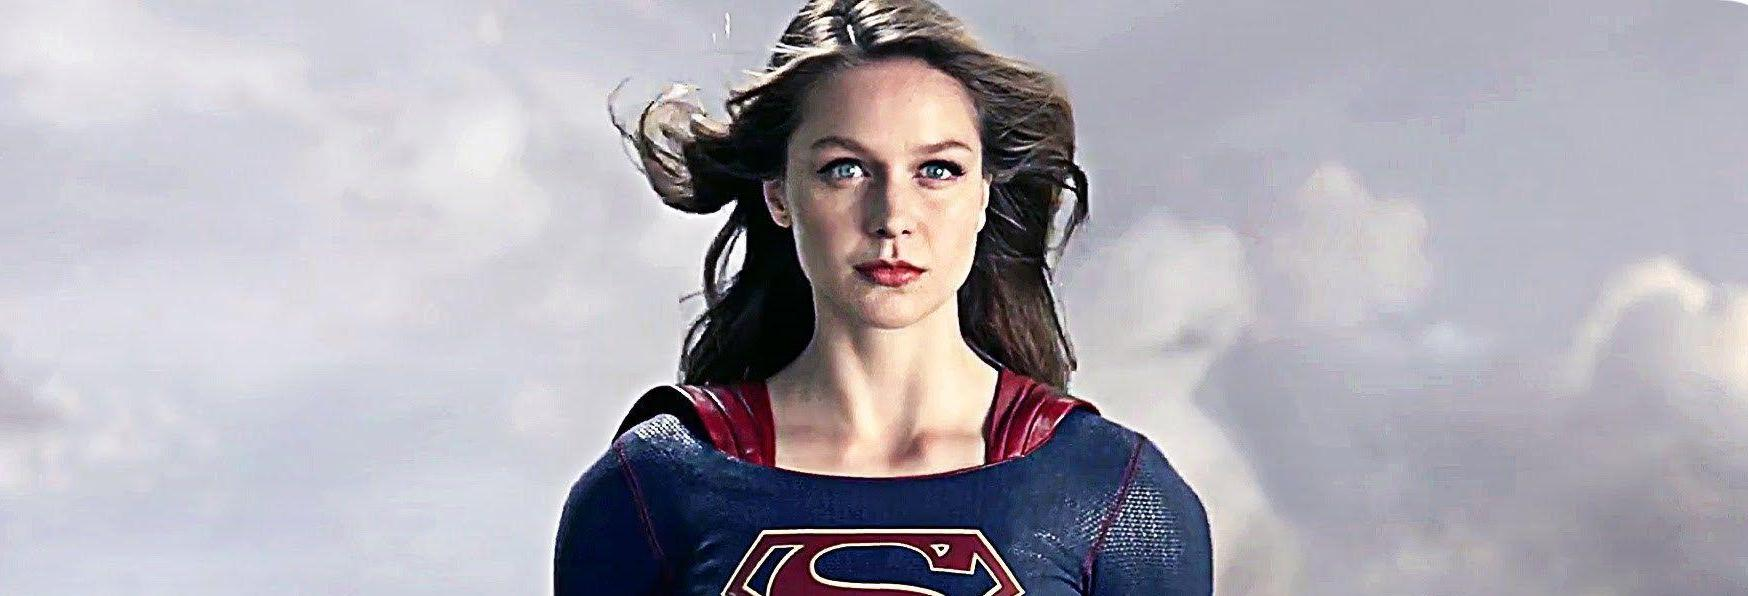 Supergirl: per la Serie The CW, la 6° Stagione sarà quella Conclusiva